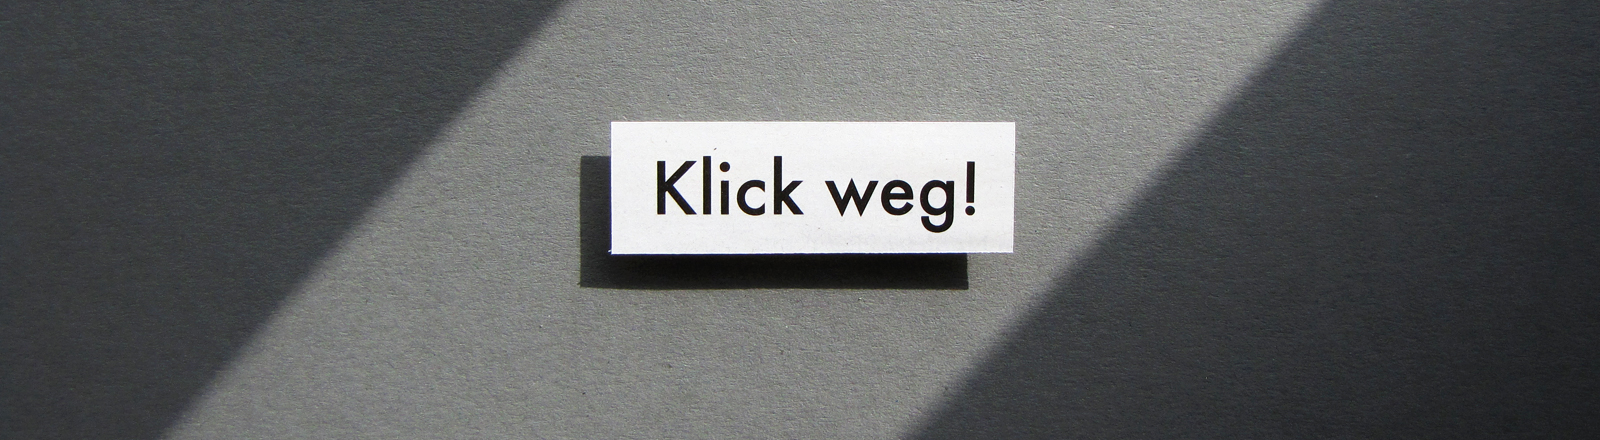 """Ein Schild mit der Aufschrift """"Klick weg"""" vor grauem Hintergrund."""